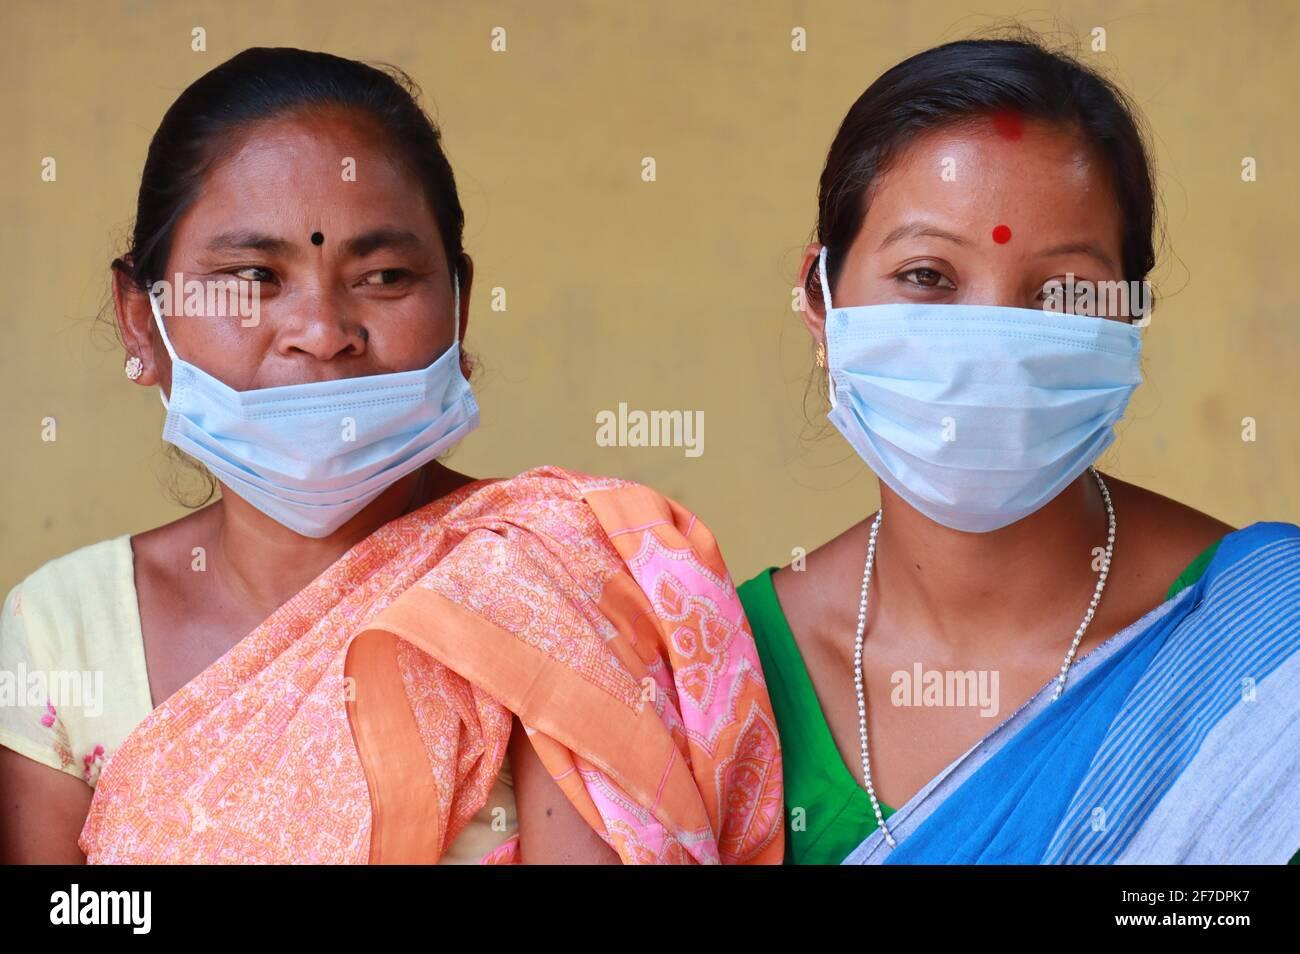 Kamrup, Assam, Inde. 6 avril 2021. Électeurs à un bureau de vote lors de la troisième phase de l'élection de l'Assemblée de l'Assam, dans un village au milieu de la pandémie du coronavirus COVID-19, le 6 avril 2021, à Kamrup, en Inde. Les élections de l'assemblée dans l'État d'Assam se sont tenues en trois phases à partir de mars 27. Les votes ont été interrogés dans 1, 53,538 stations de vote réparties dans 475 circonscriptions de l'Assemblée aujourd'hui dans cinq États de l'Inde. Crédit : David Talukdar/ZUMA Wire/Alay Live News Banque D'Images